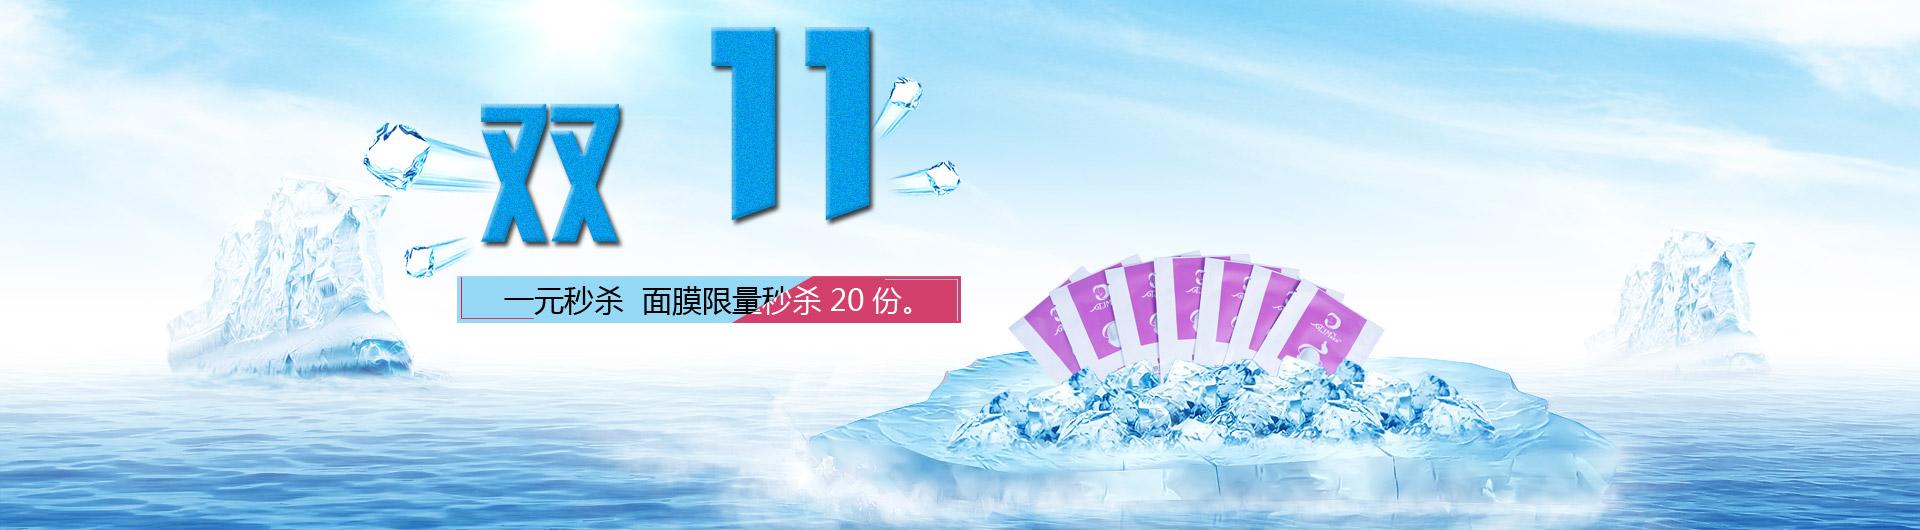 化妆品双十一海报